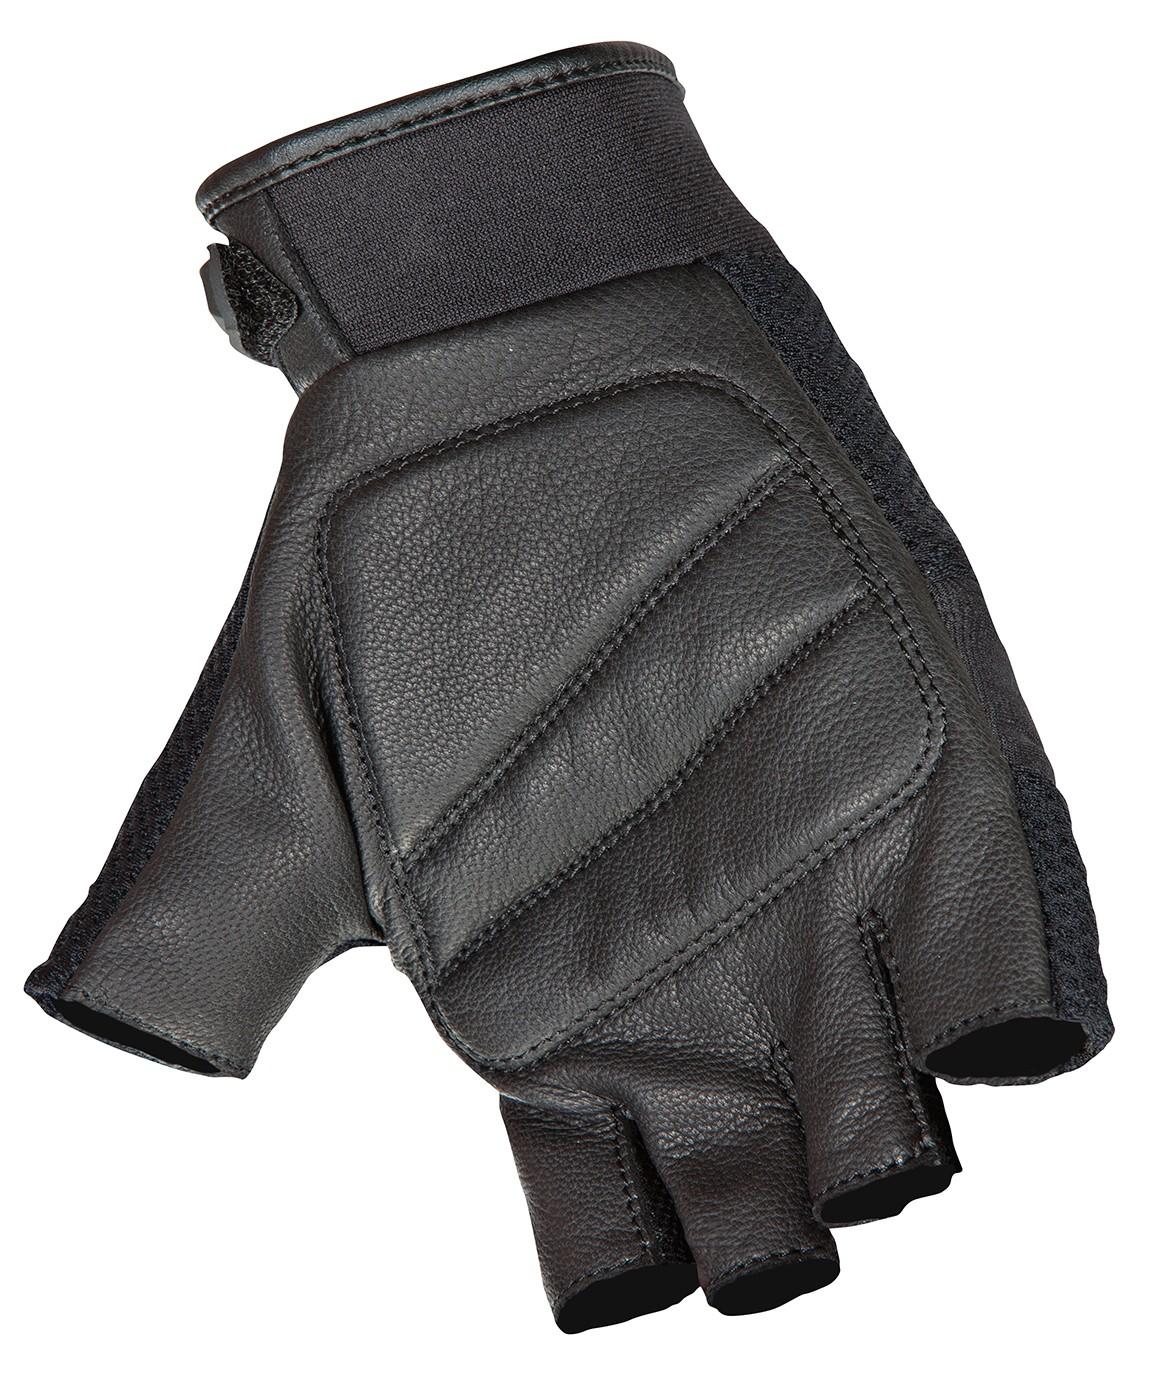 thumbnail 2 - Joe Rocket Medium Black Vento Fingerless Motorcycle Gloves Med Md M